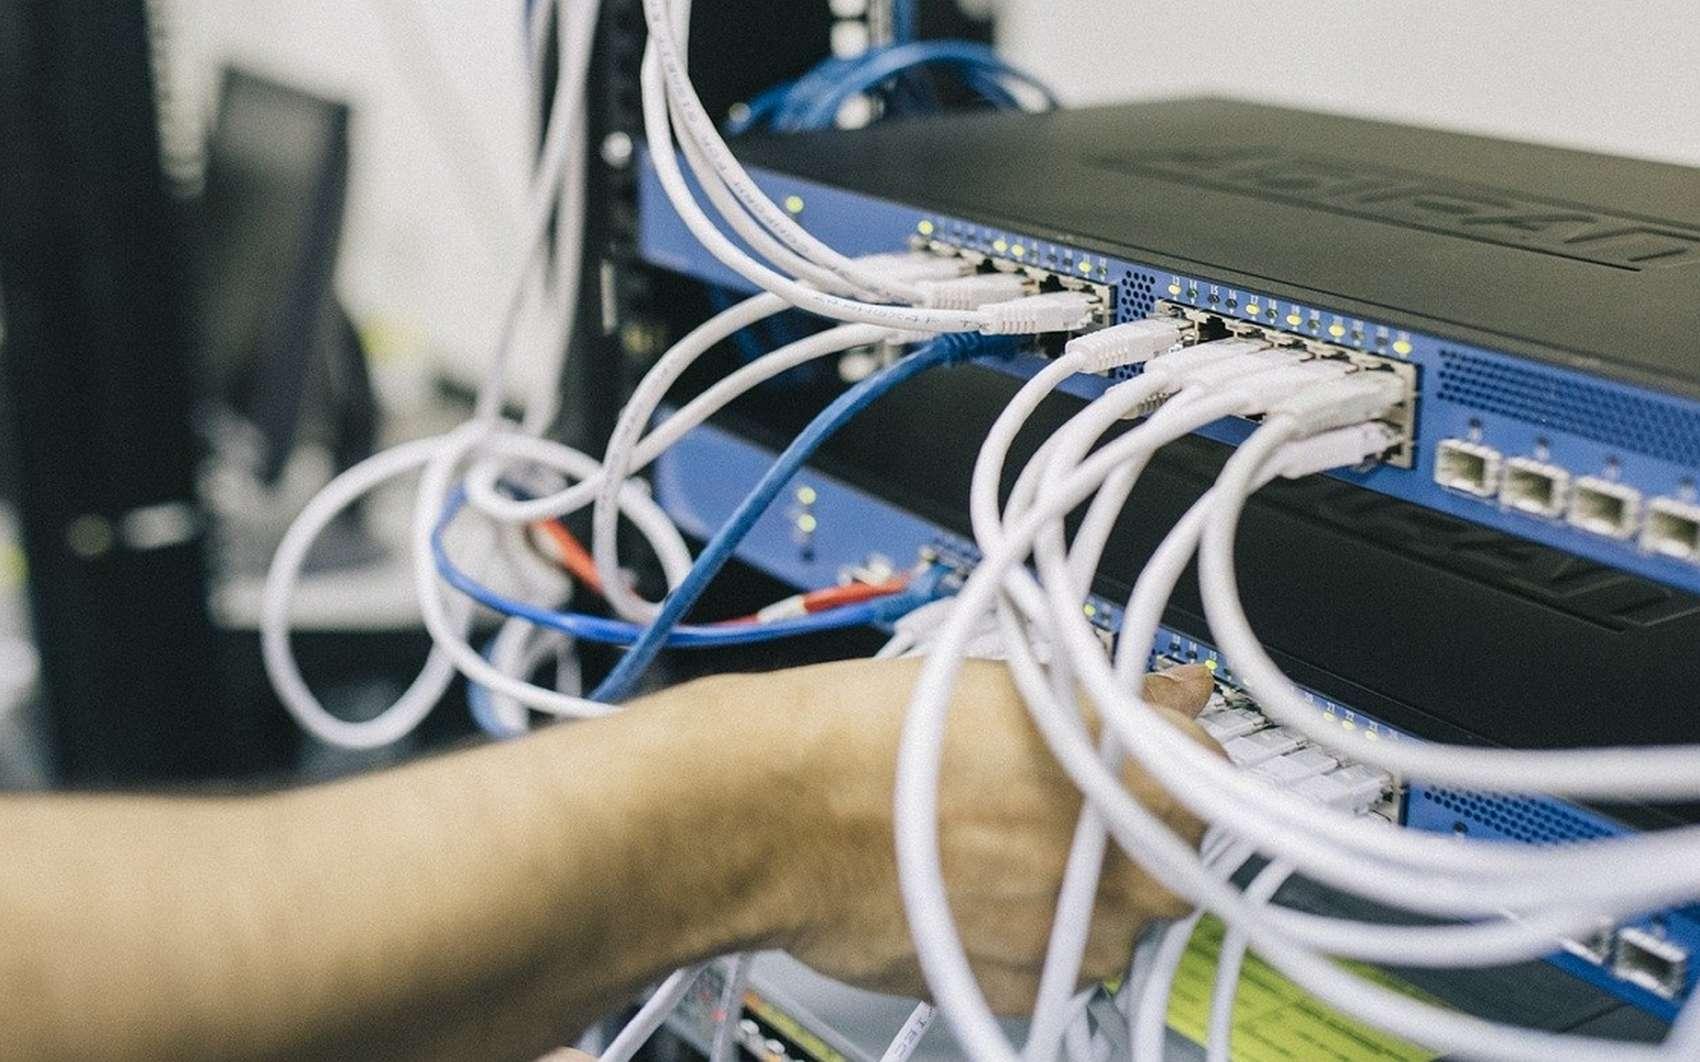 Le dégroupage est une opération technique permettant l'ouverture du réseau téléphonique local à la concurrence. © StockSnap, Pixabay